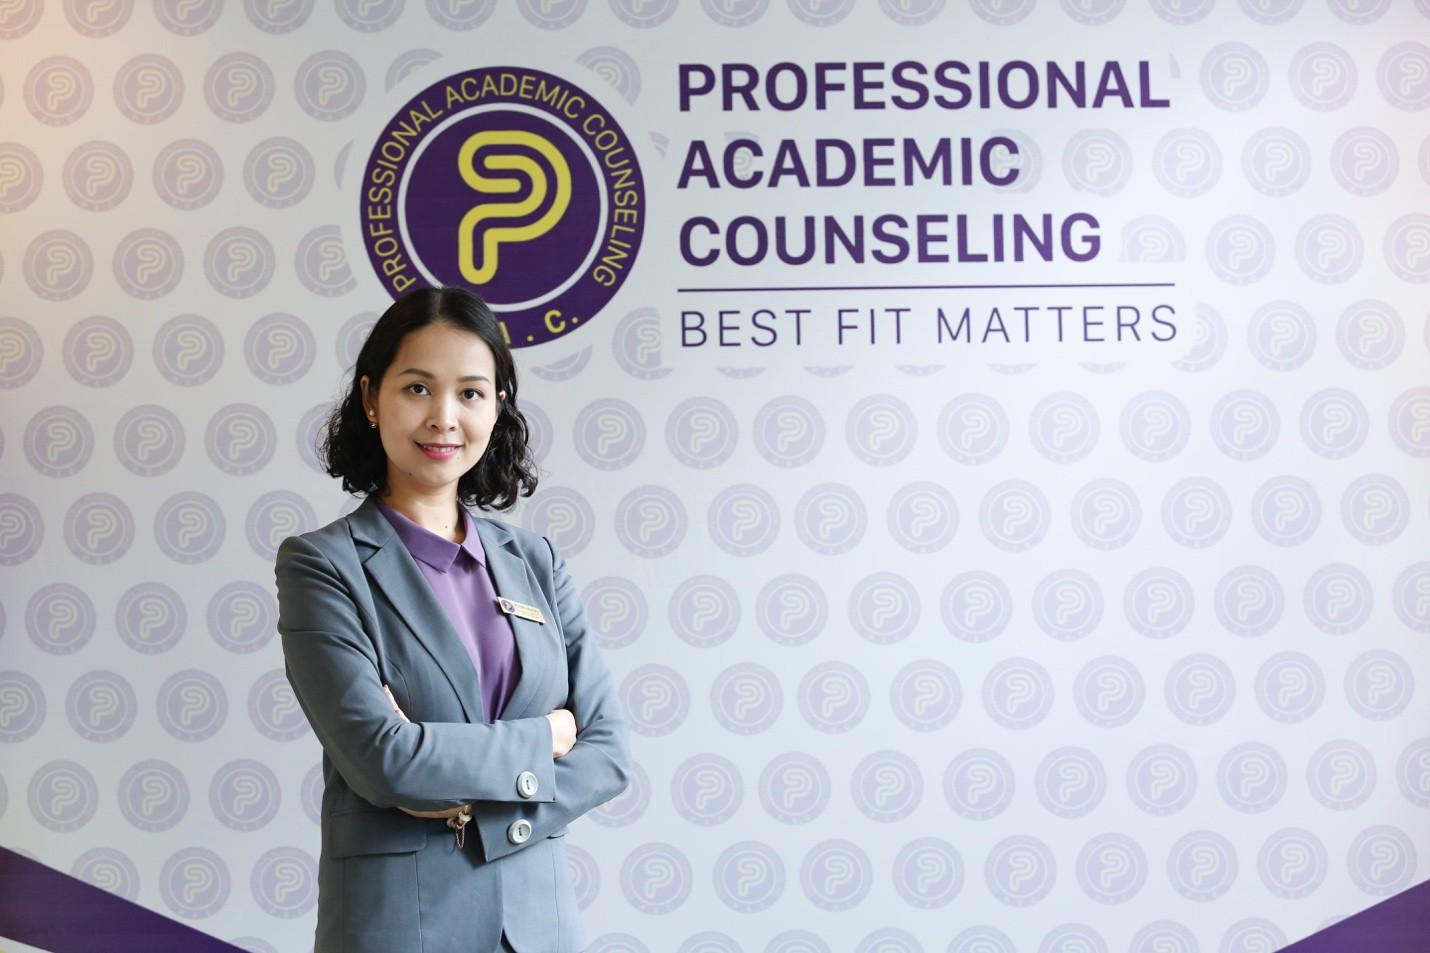 Bí kíp du học từ chuyên gia tư vấn đã giúp hàng trăm học sinh Việt giành nhiều học bổng giá trị - Ảnh 4.